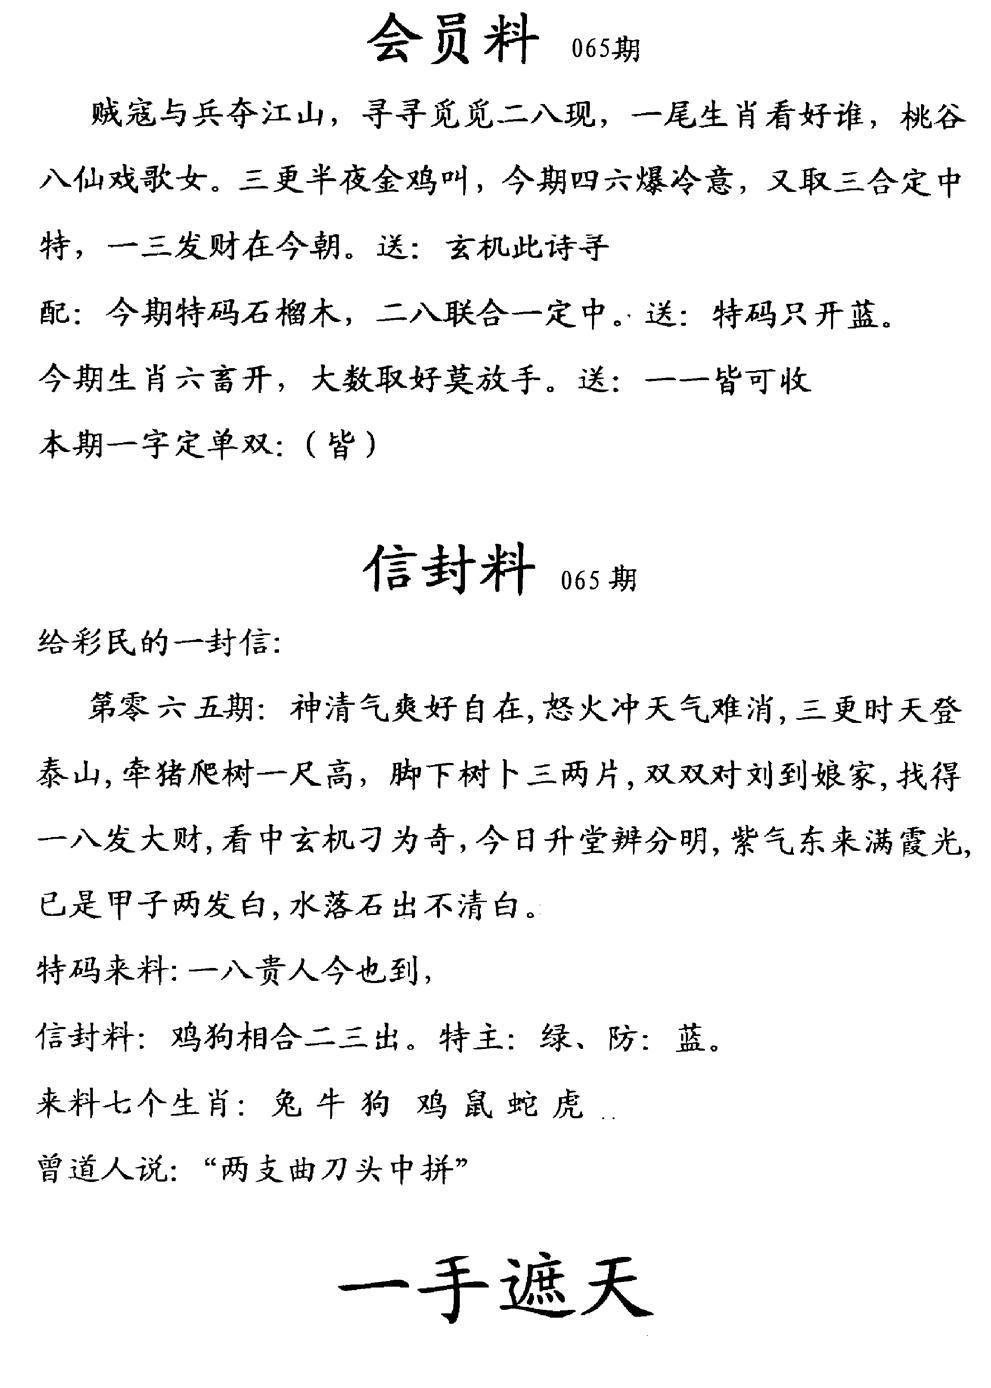 065期彩民信封料(早图)(黑白)